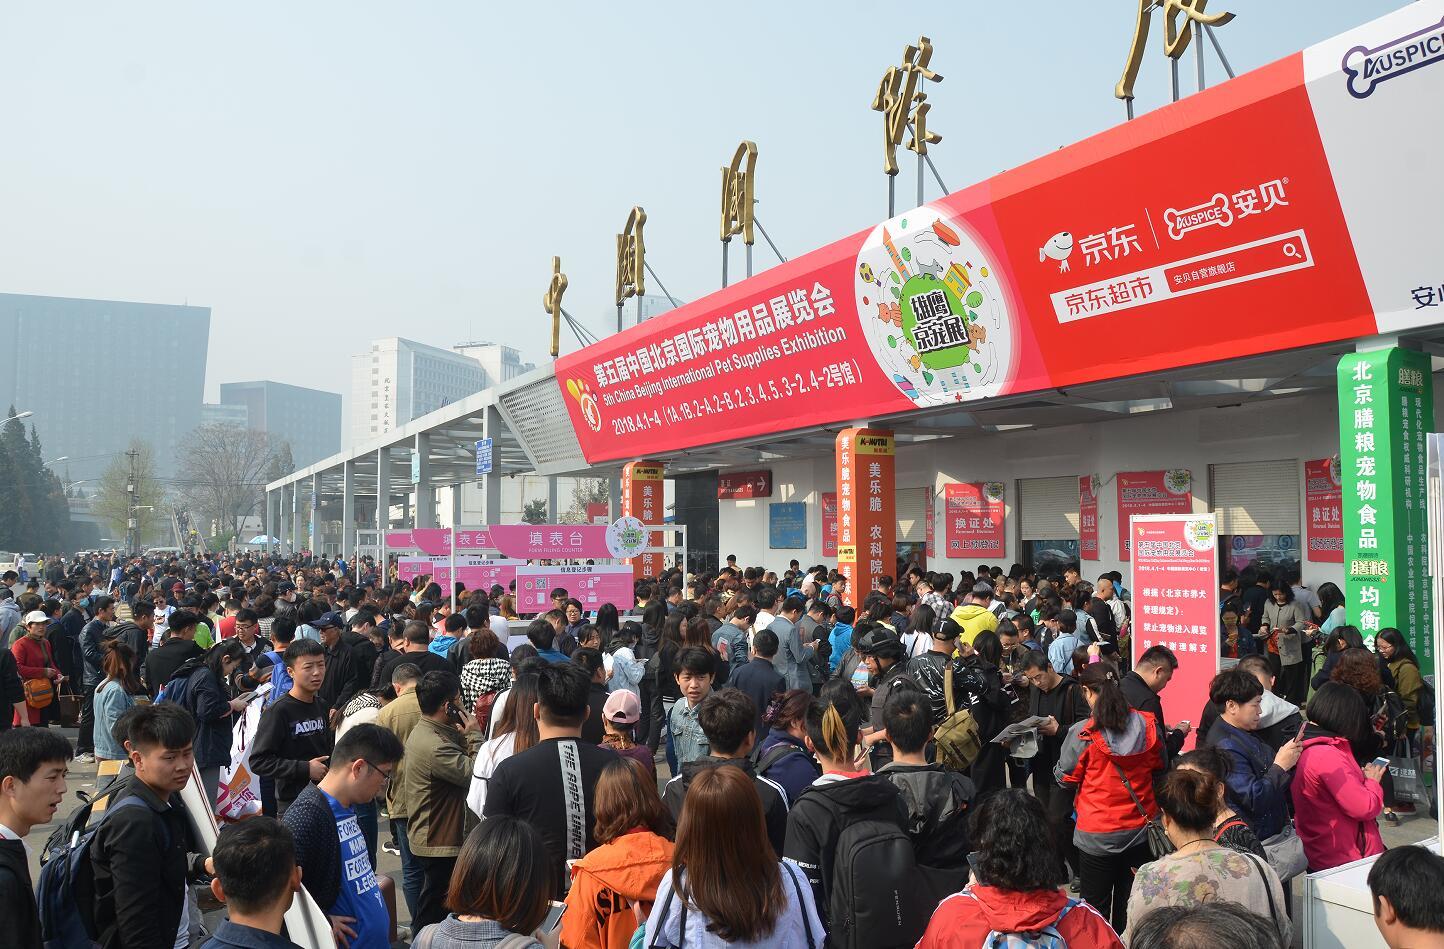 宠物圈内3月开启第六届京宠展的高峰热潮